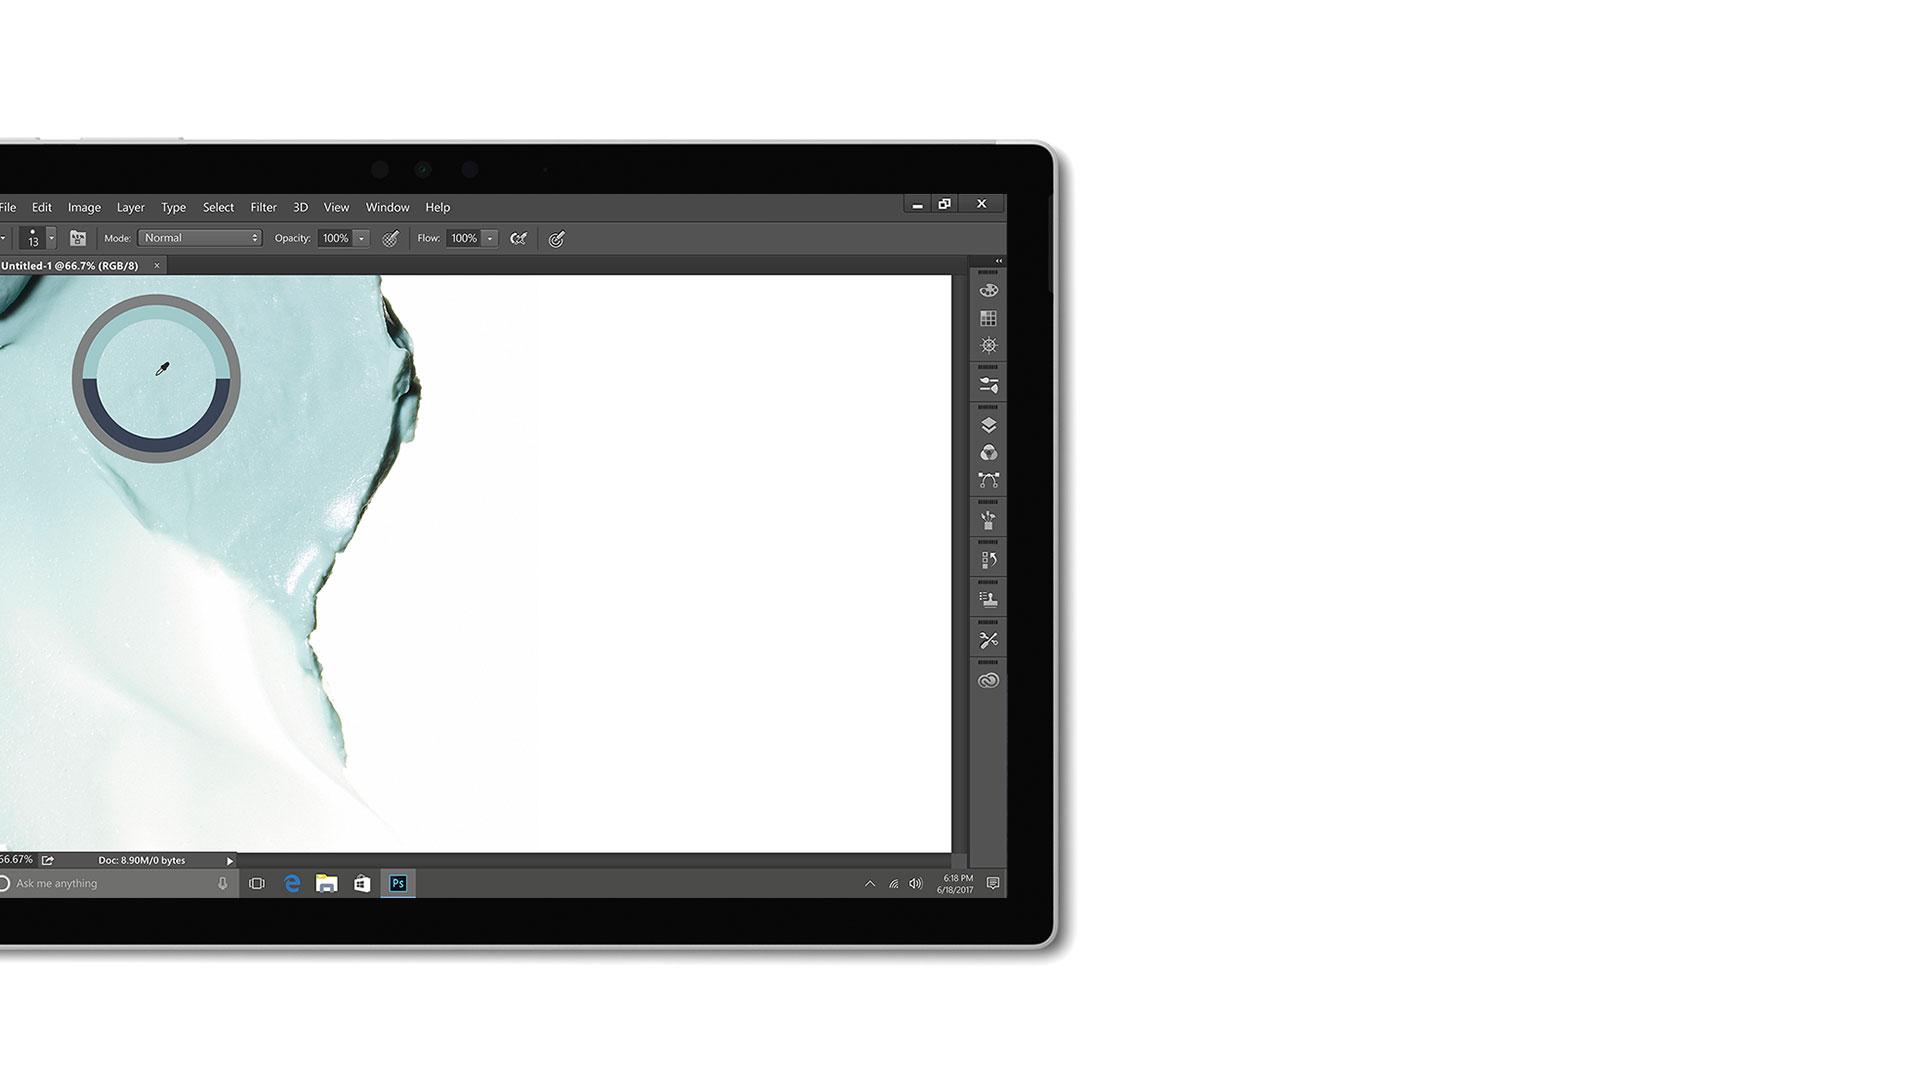 Billede af brugergrænseflade i Adobe Creative Cloud